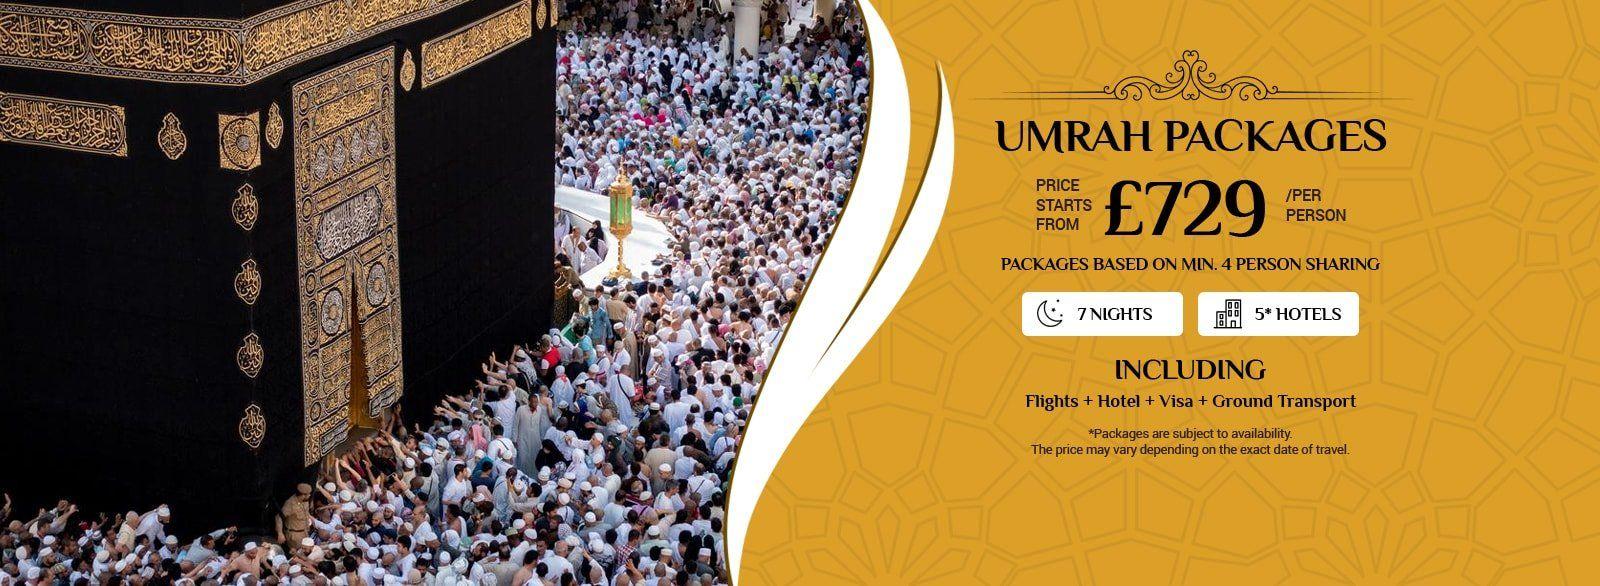 Easter Umrah Packages 2020 - 3, 4 & 5 Star deals in UK ...